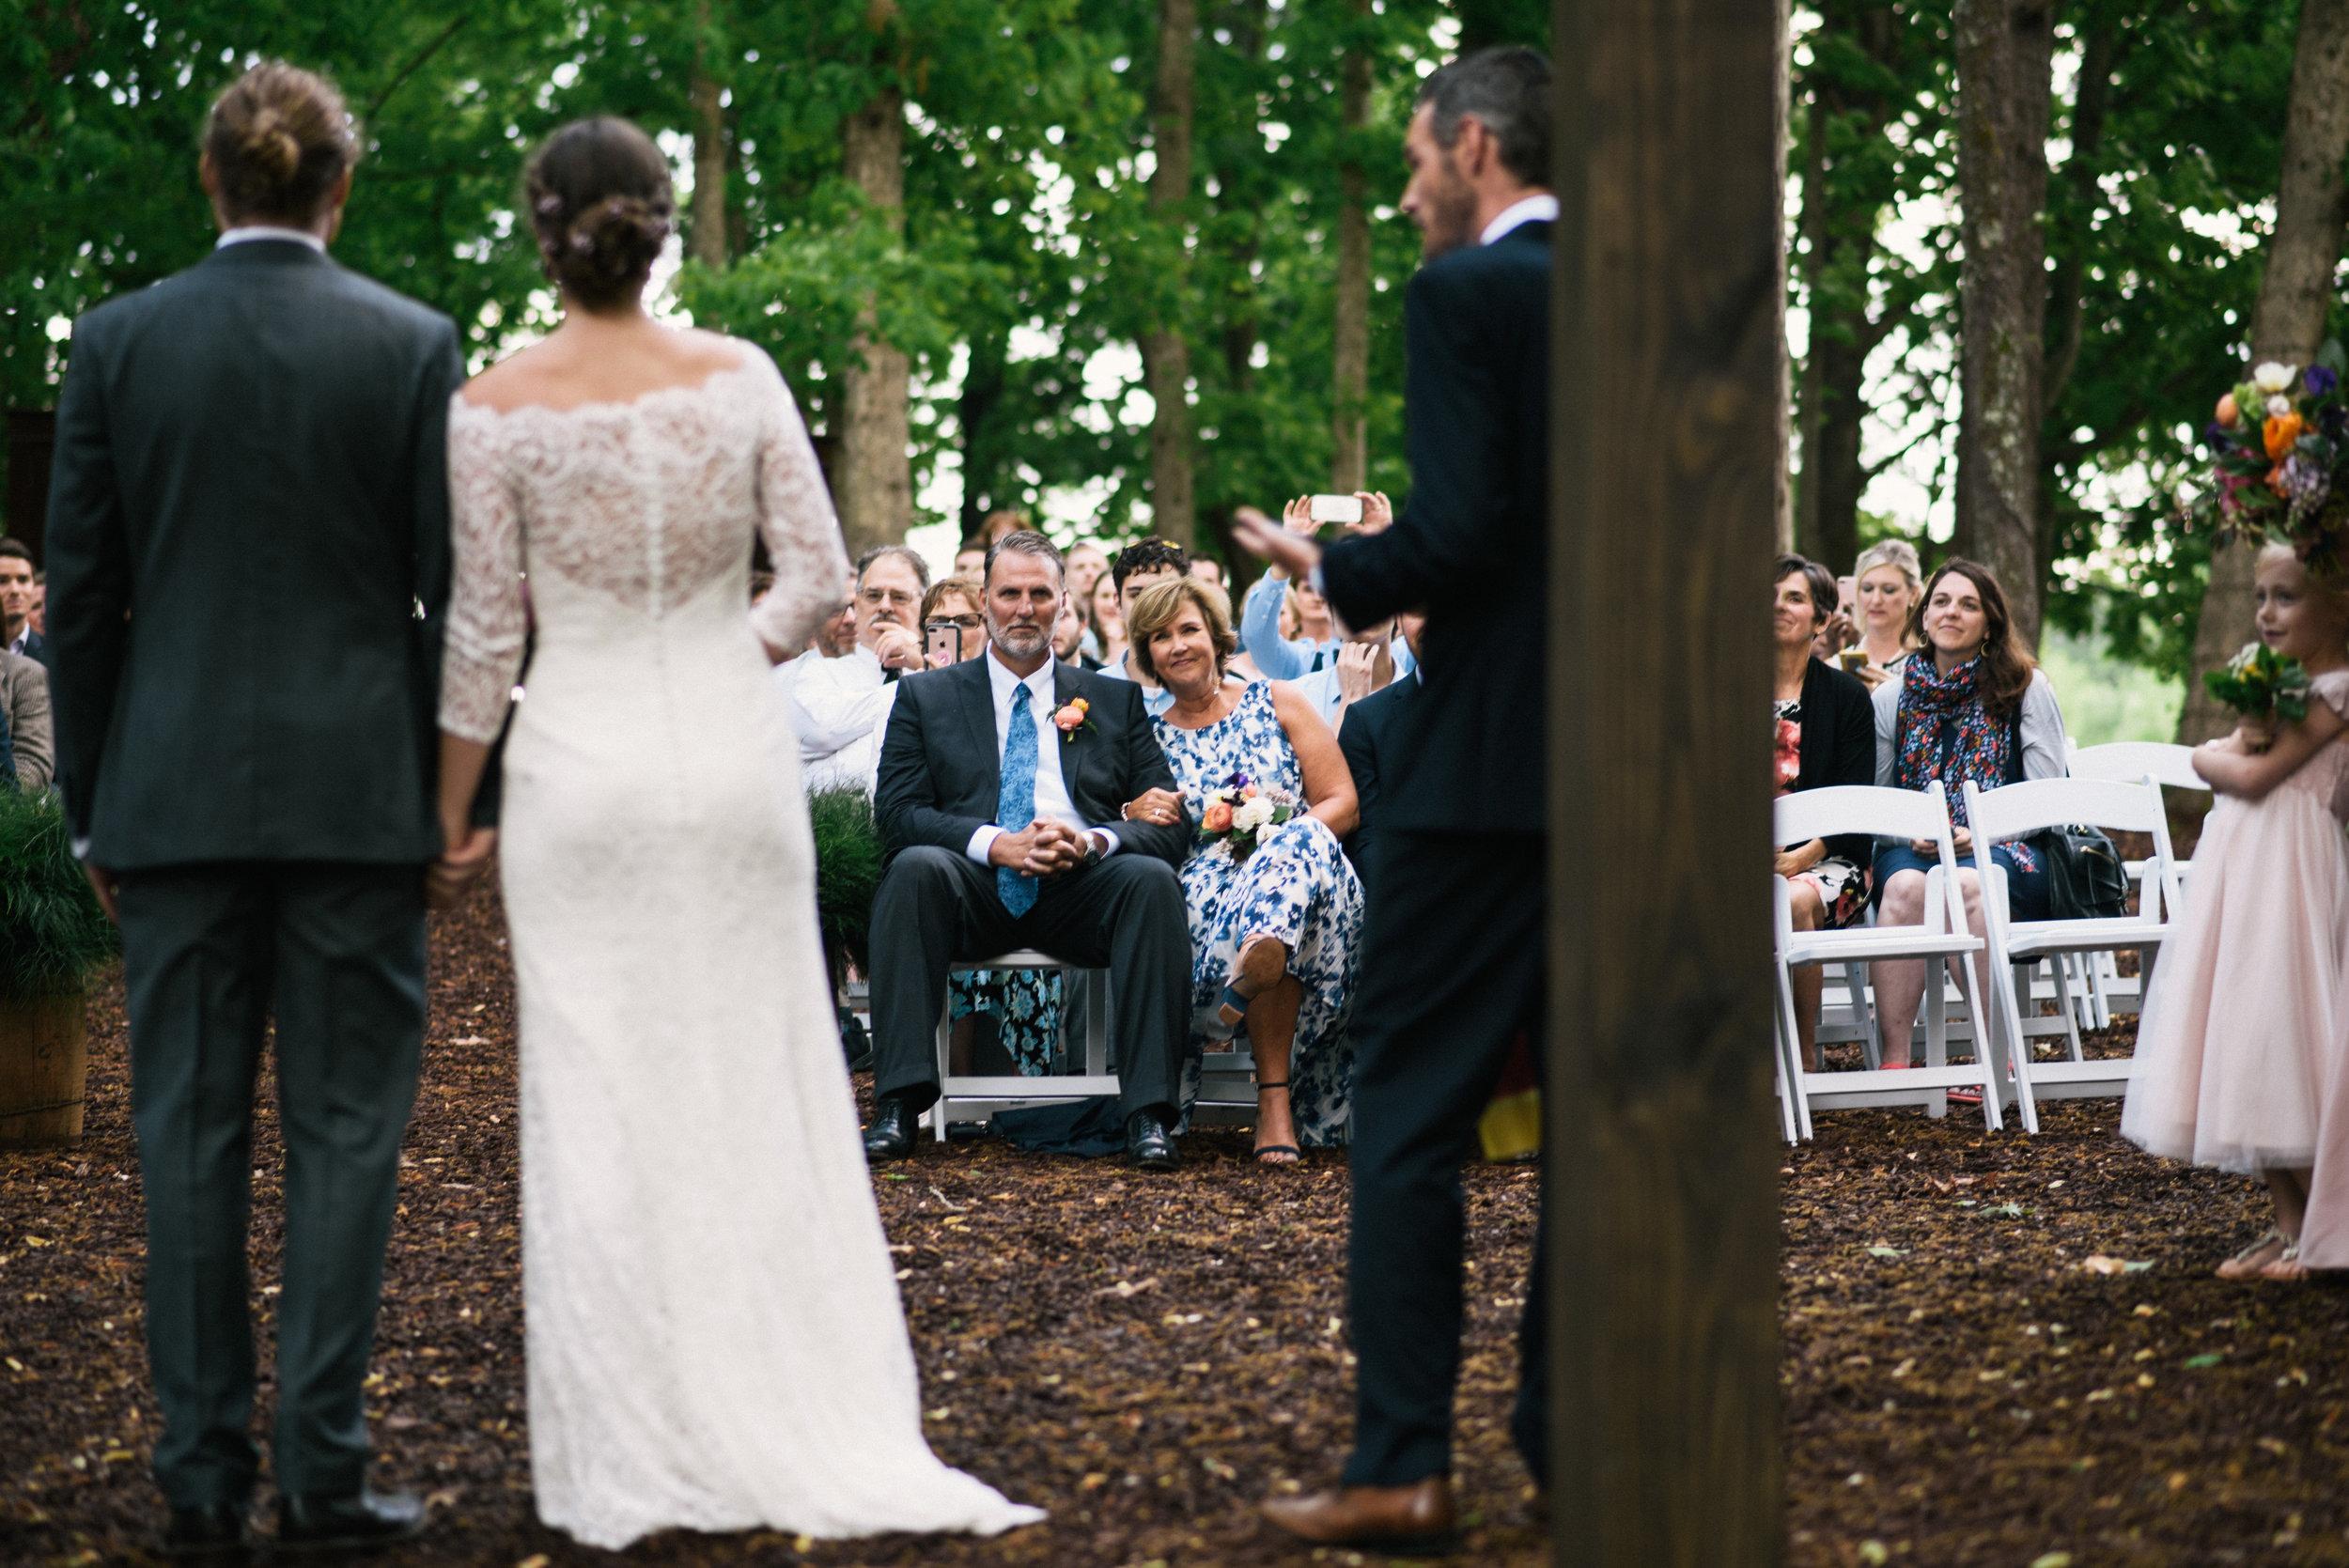 raleigh-elopement-photographer-raleigh-durham-wedding-maddie-and-devin- (114 of 162).jpg